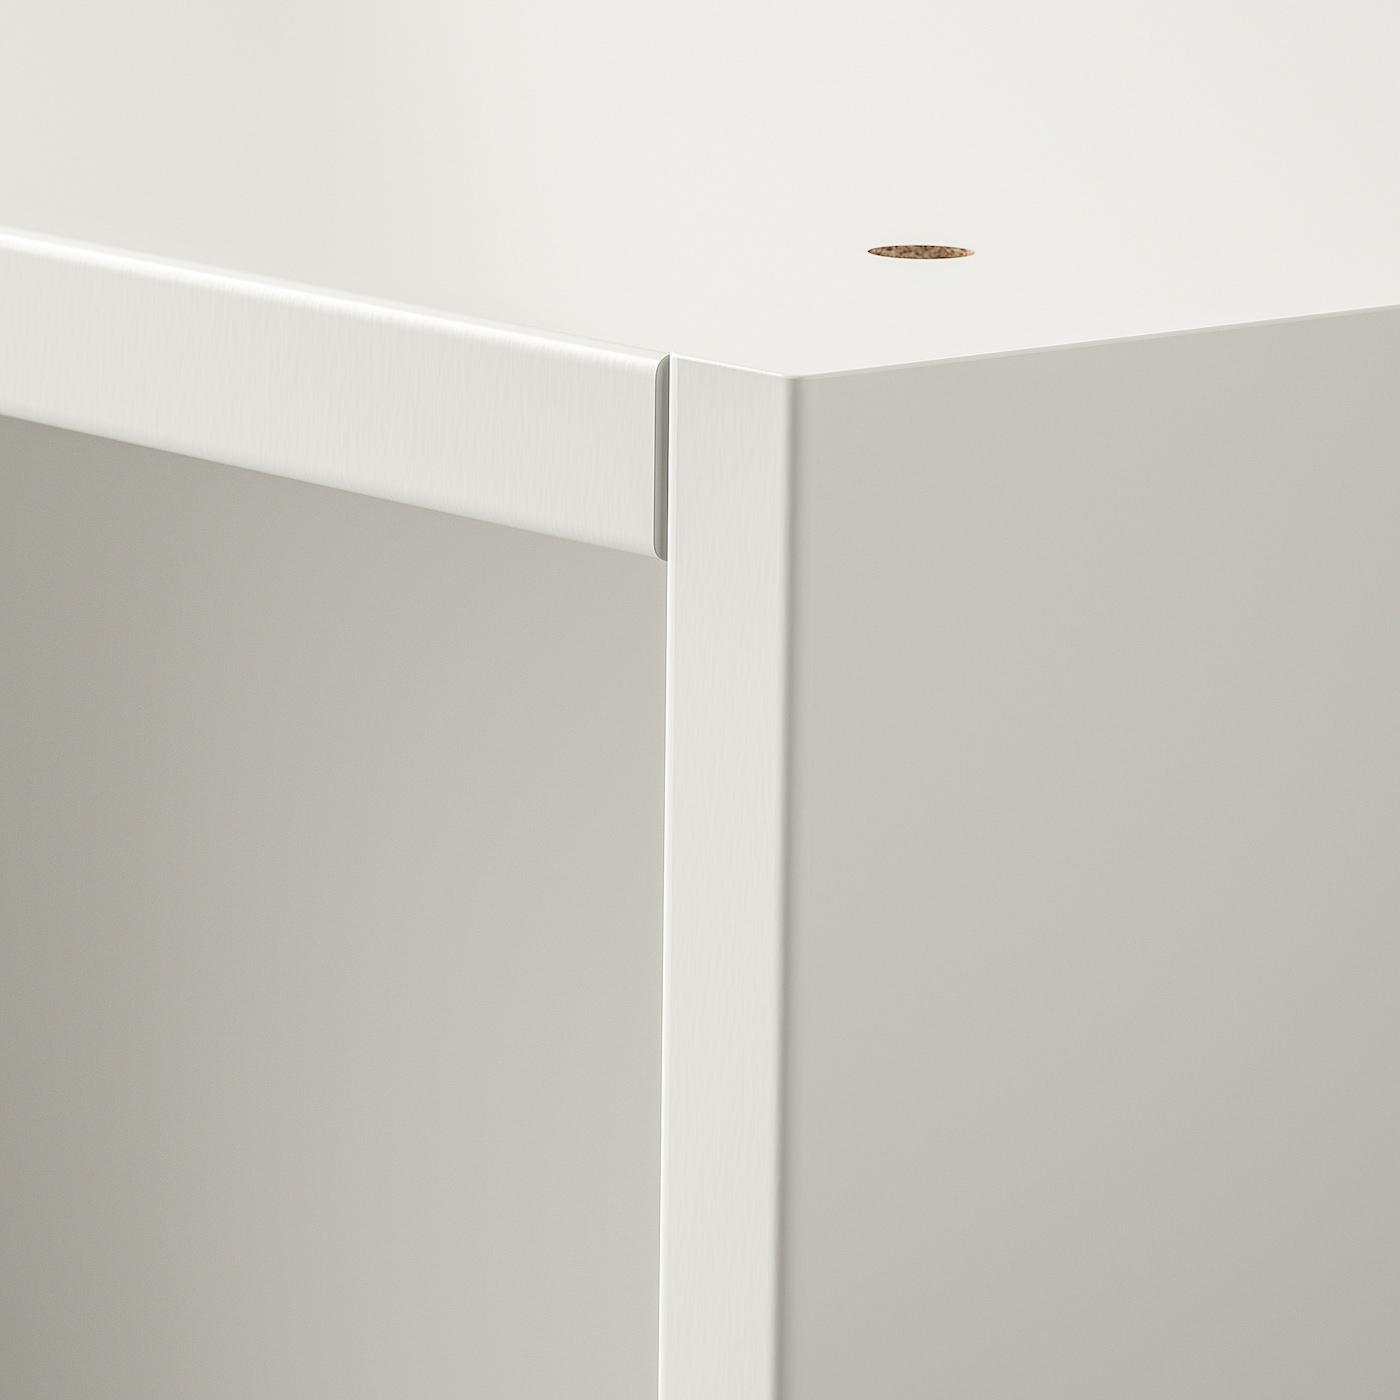 PAX هيكل دولاب ملابس, أبيض, 75x58x236 سم